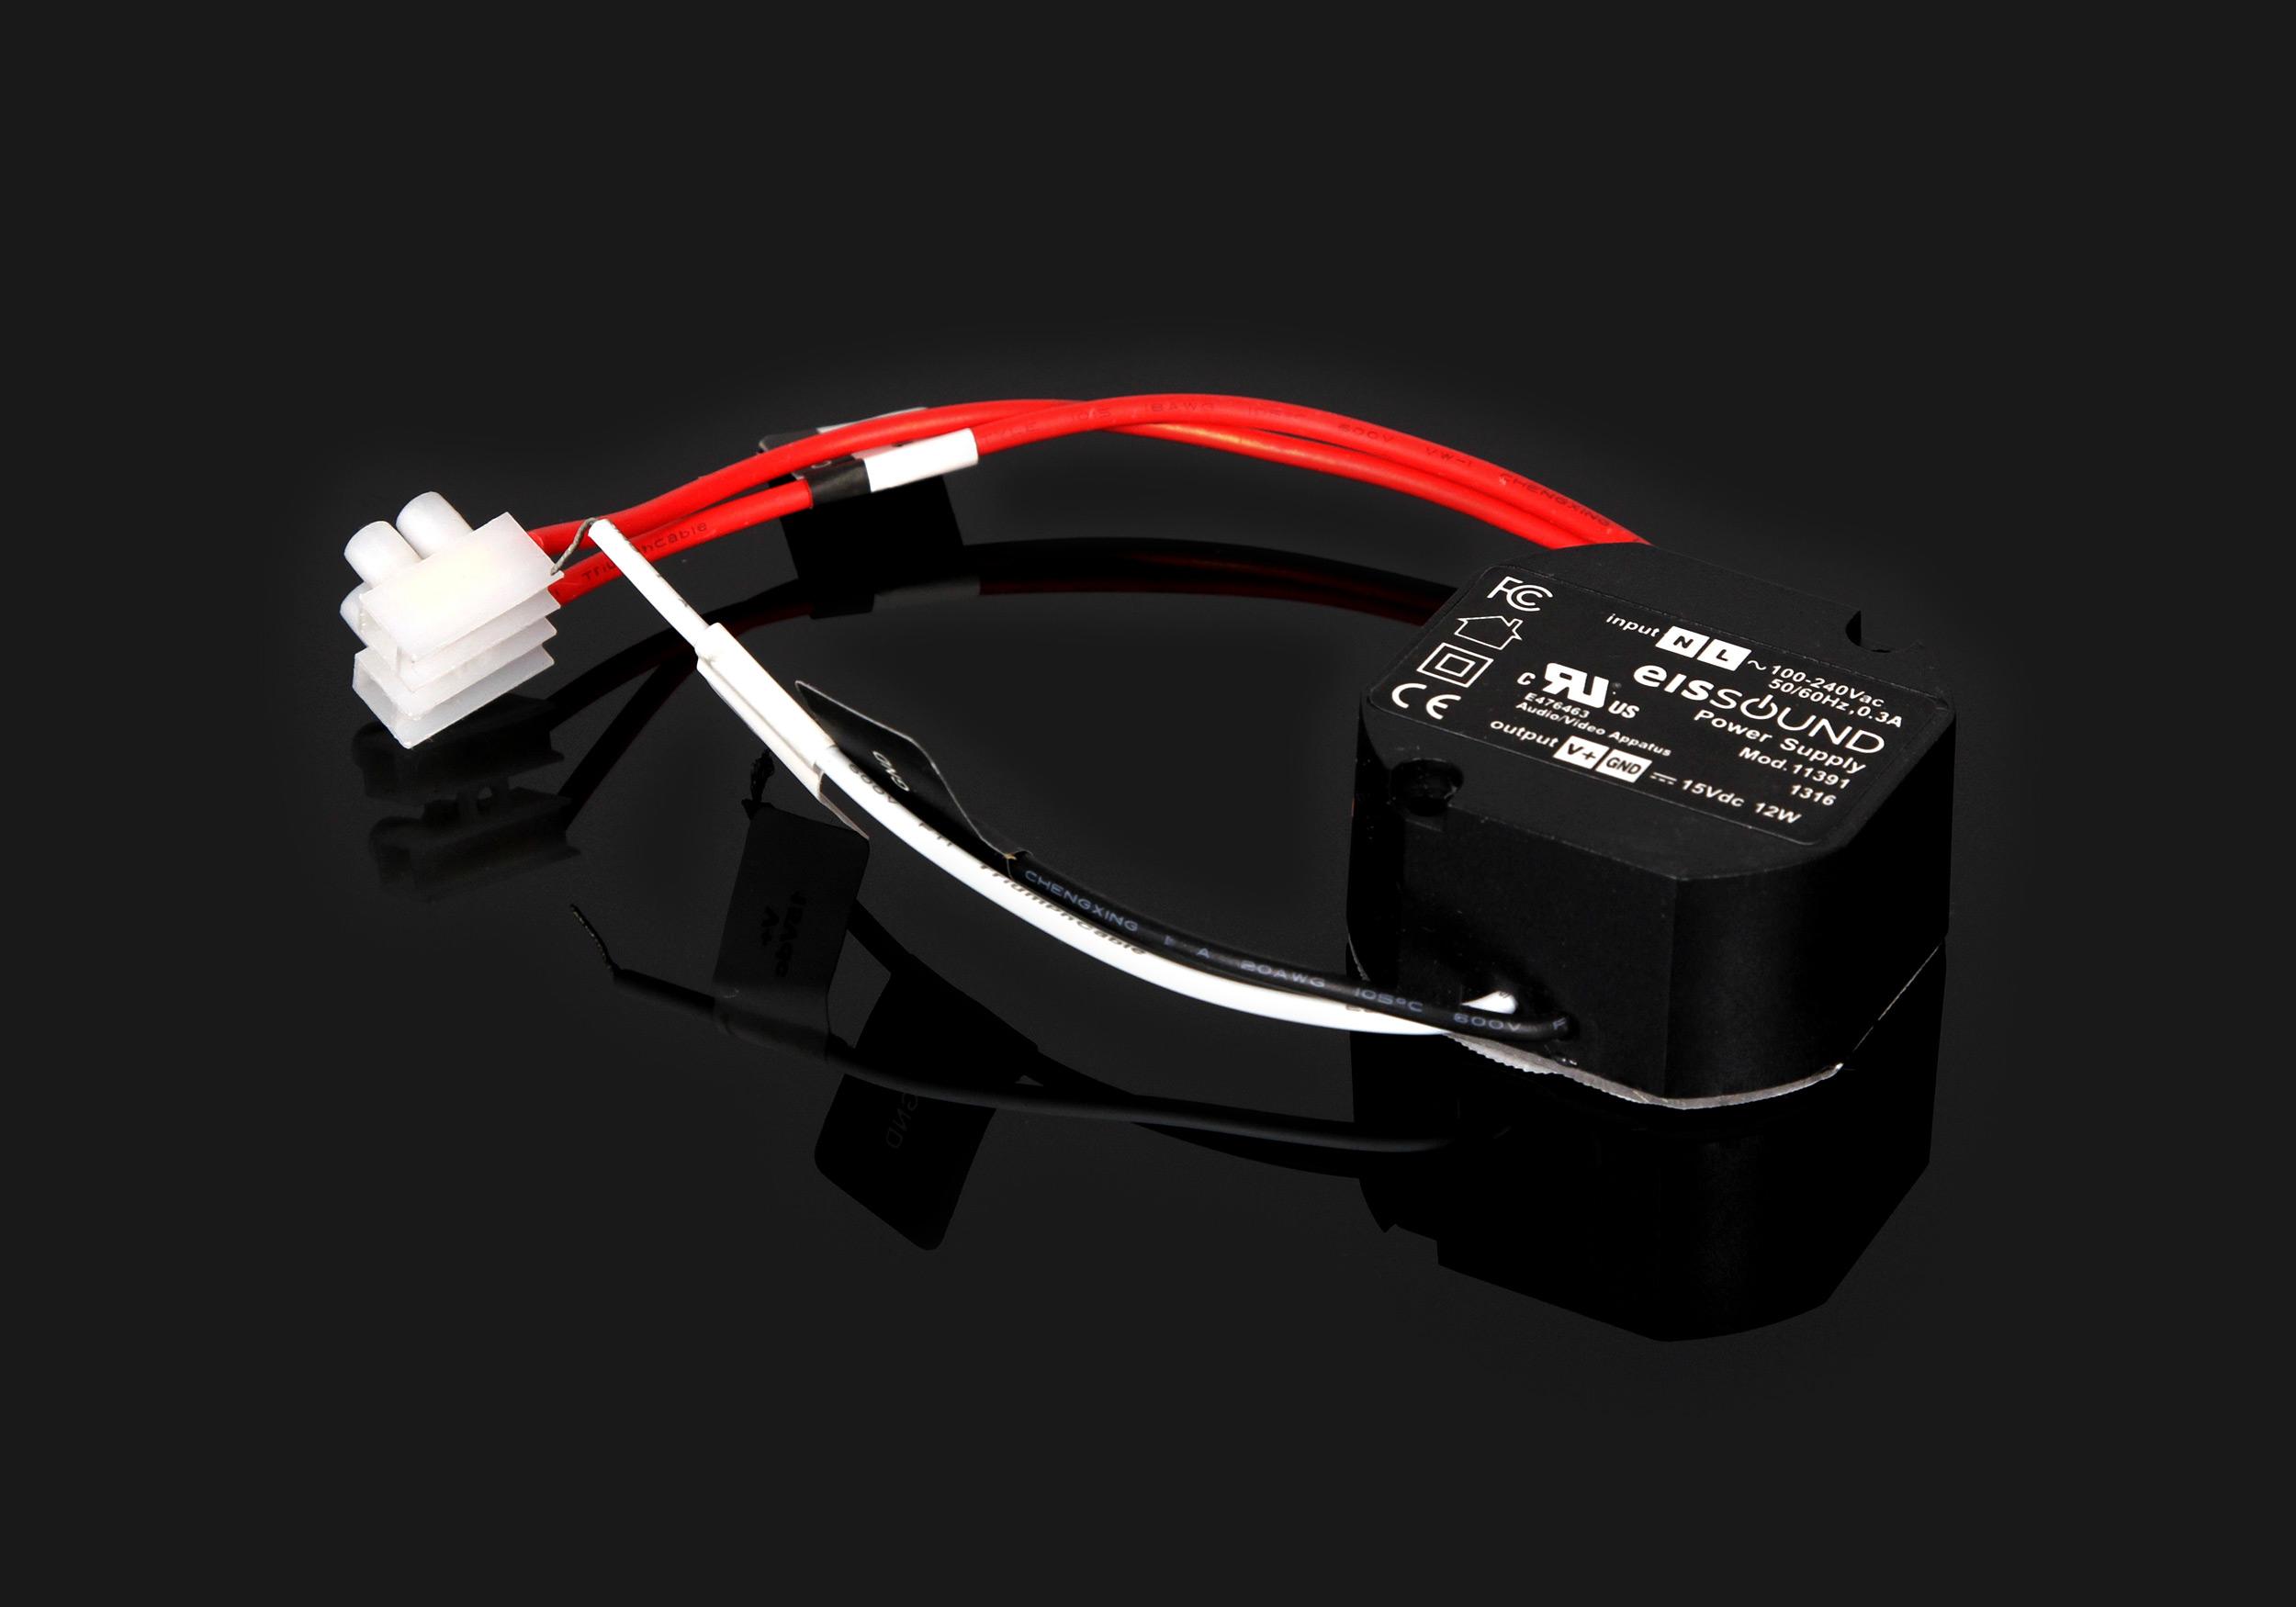 Zasilacz do nagłośnienia Bluetooth In-Wall marki Eis Sound